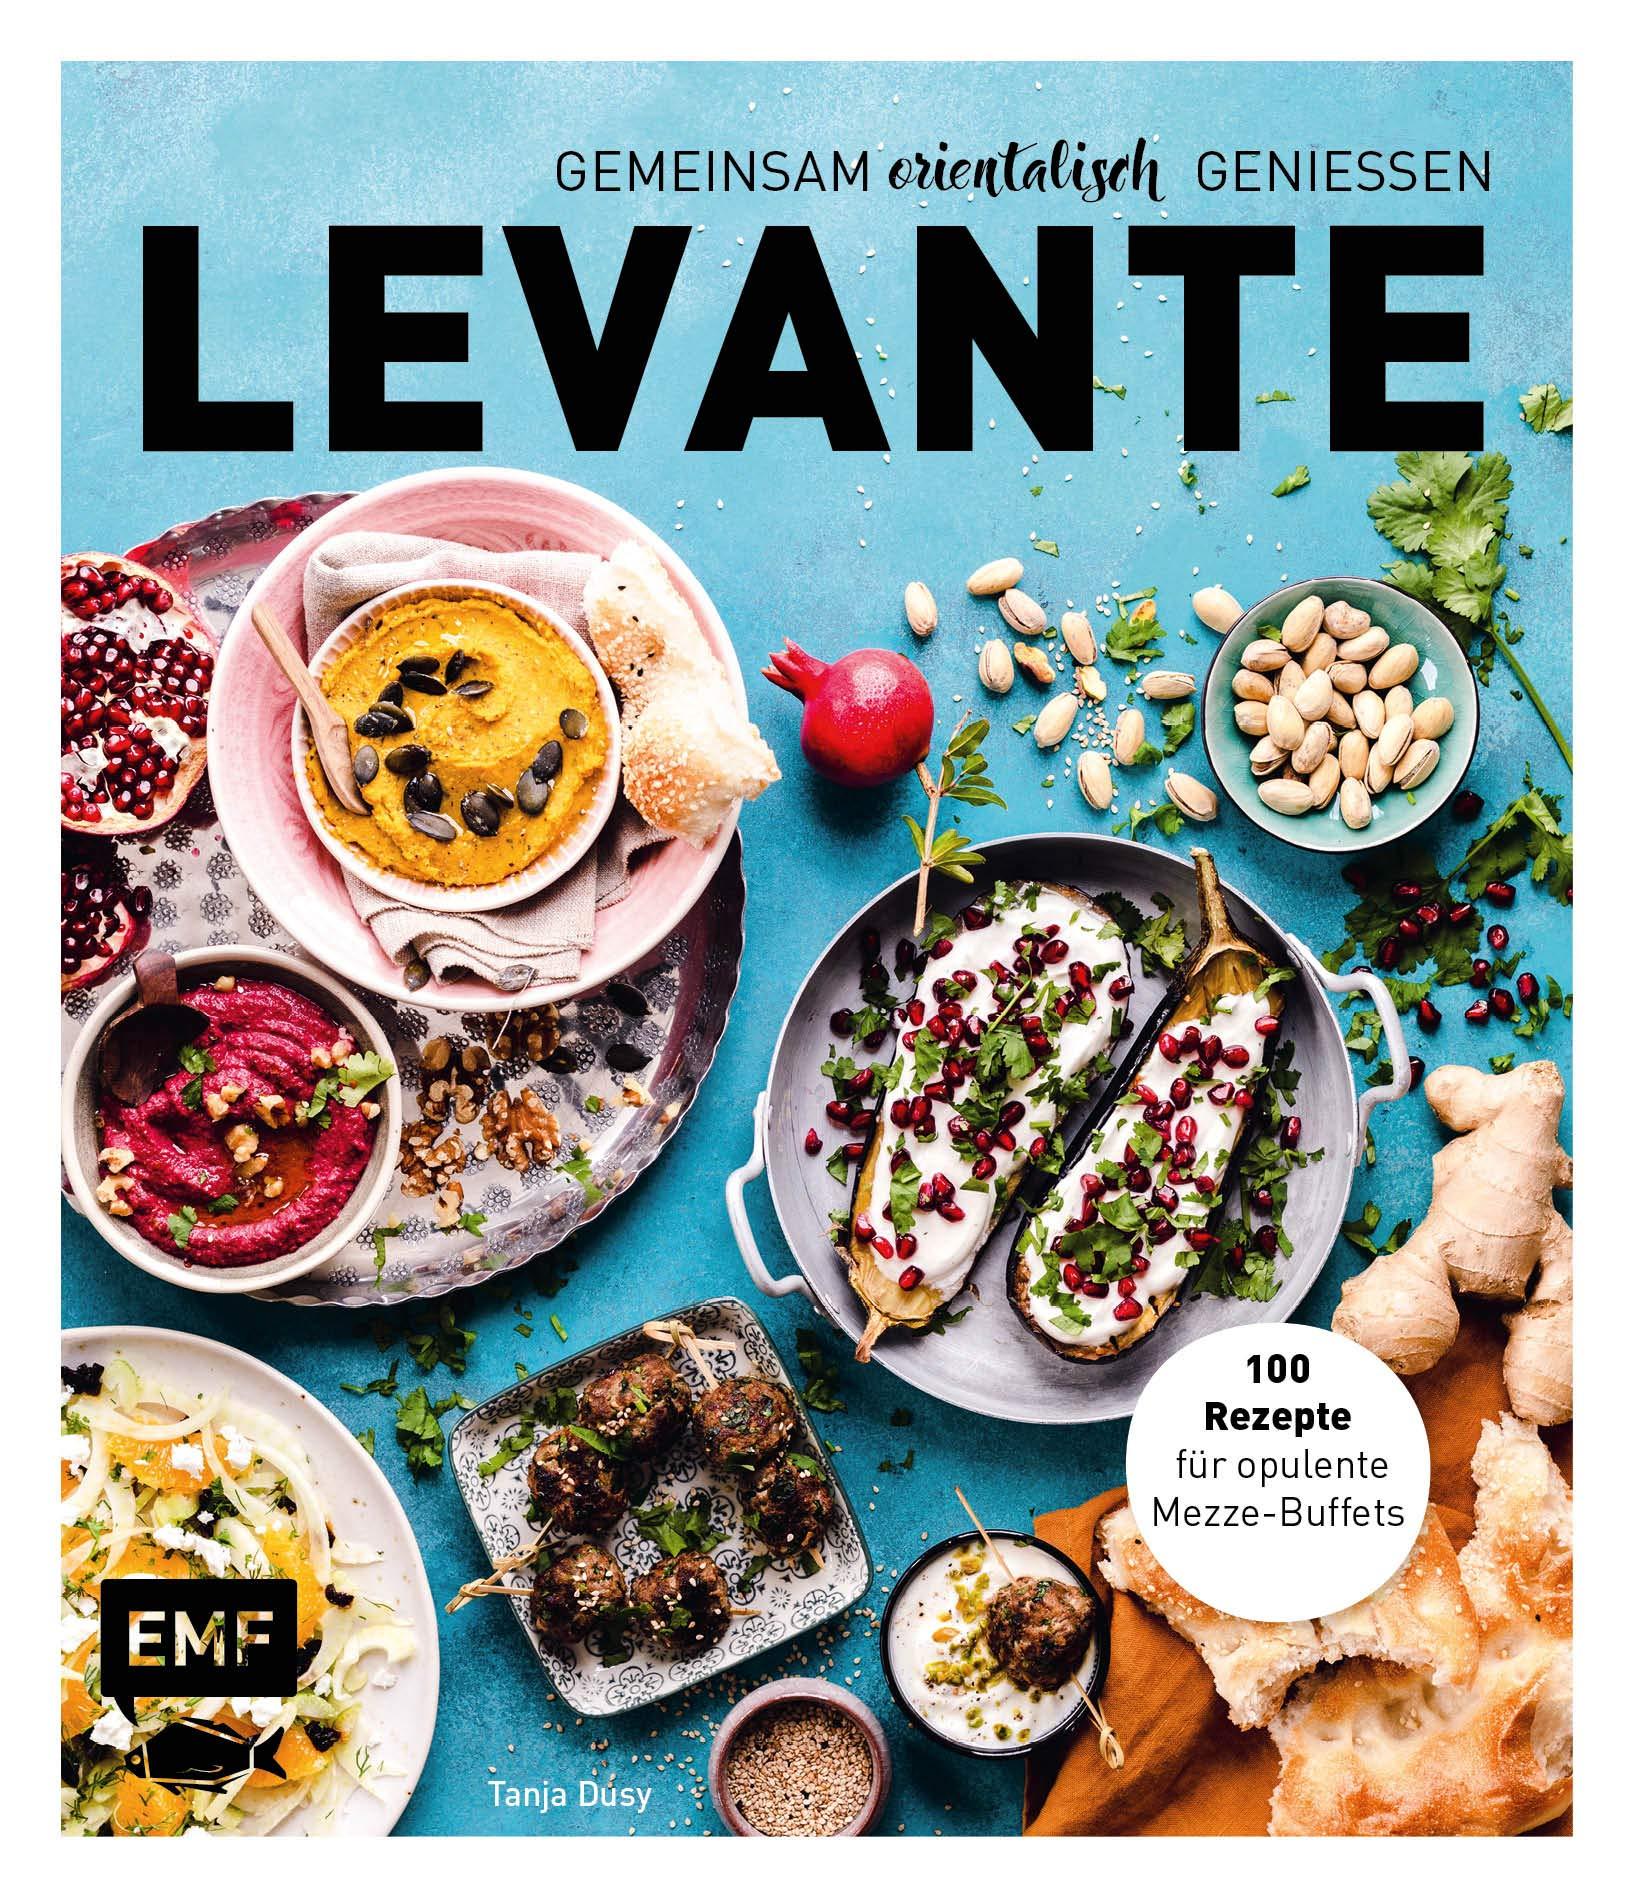 Levante - Gemeinsam orientalisch genießen: 16 Rezepte für